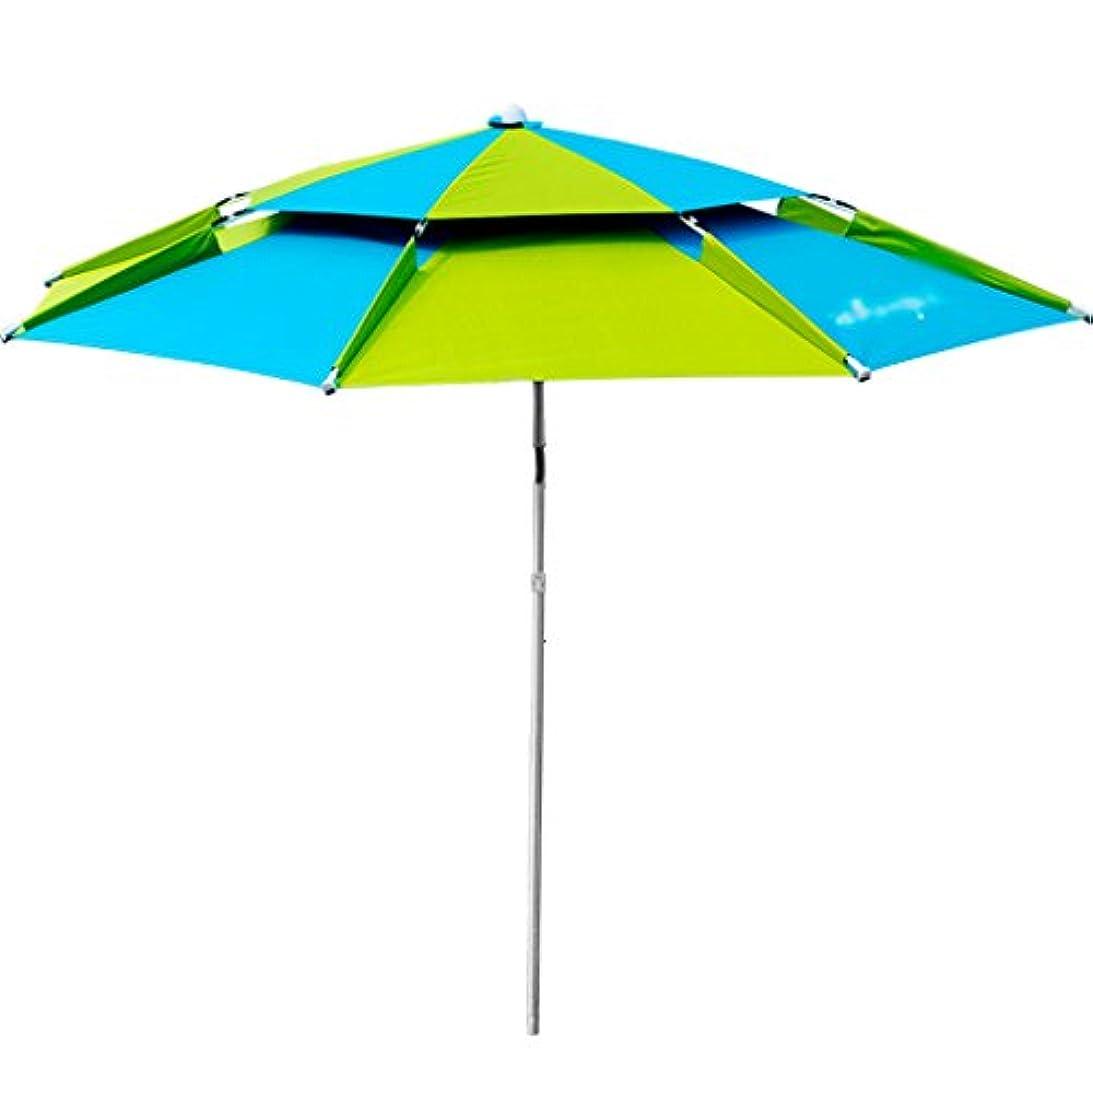 選ぶ肺炎デッドLSS 屋外アンブレラ|釣り傘|傘| 2.2m |ユニバーサル|レインコート|釣り傘|屋外アンブレラ|サン傘|釣り傘|ブラックフィッシング傘 (サイズ さいず : 200cm)